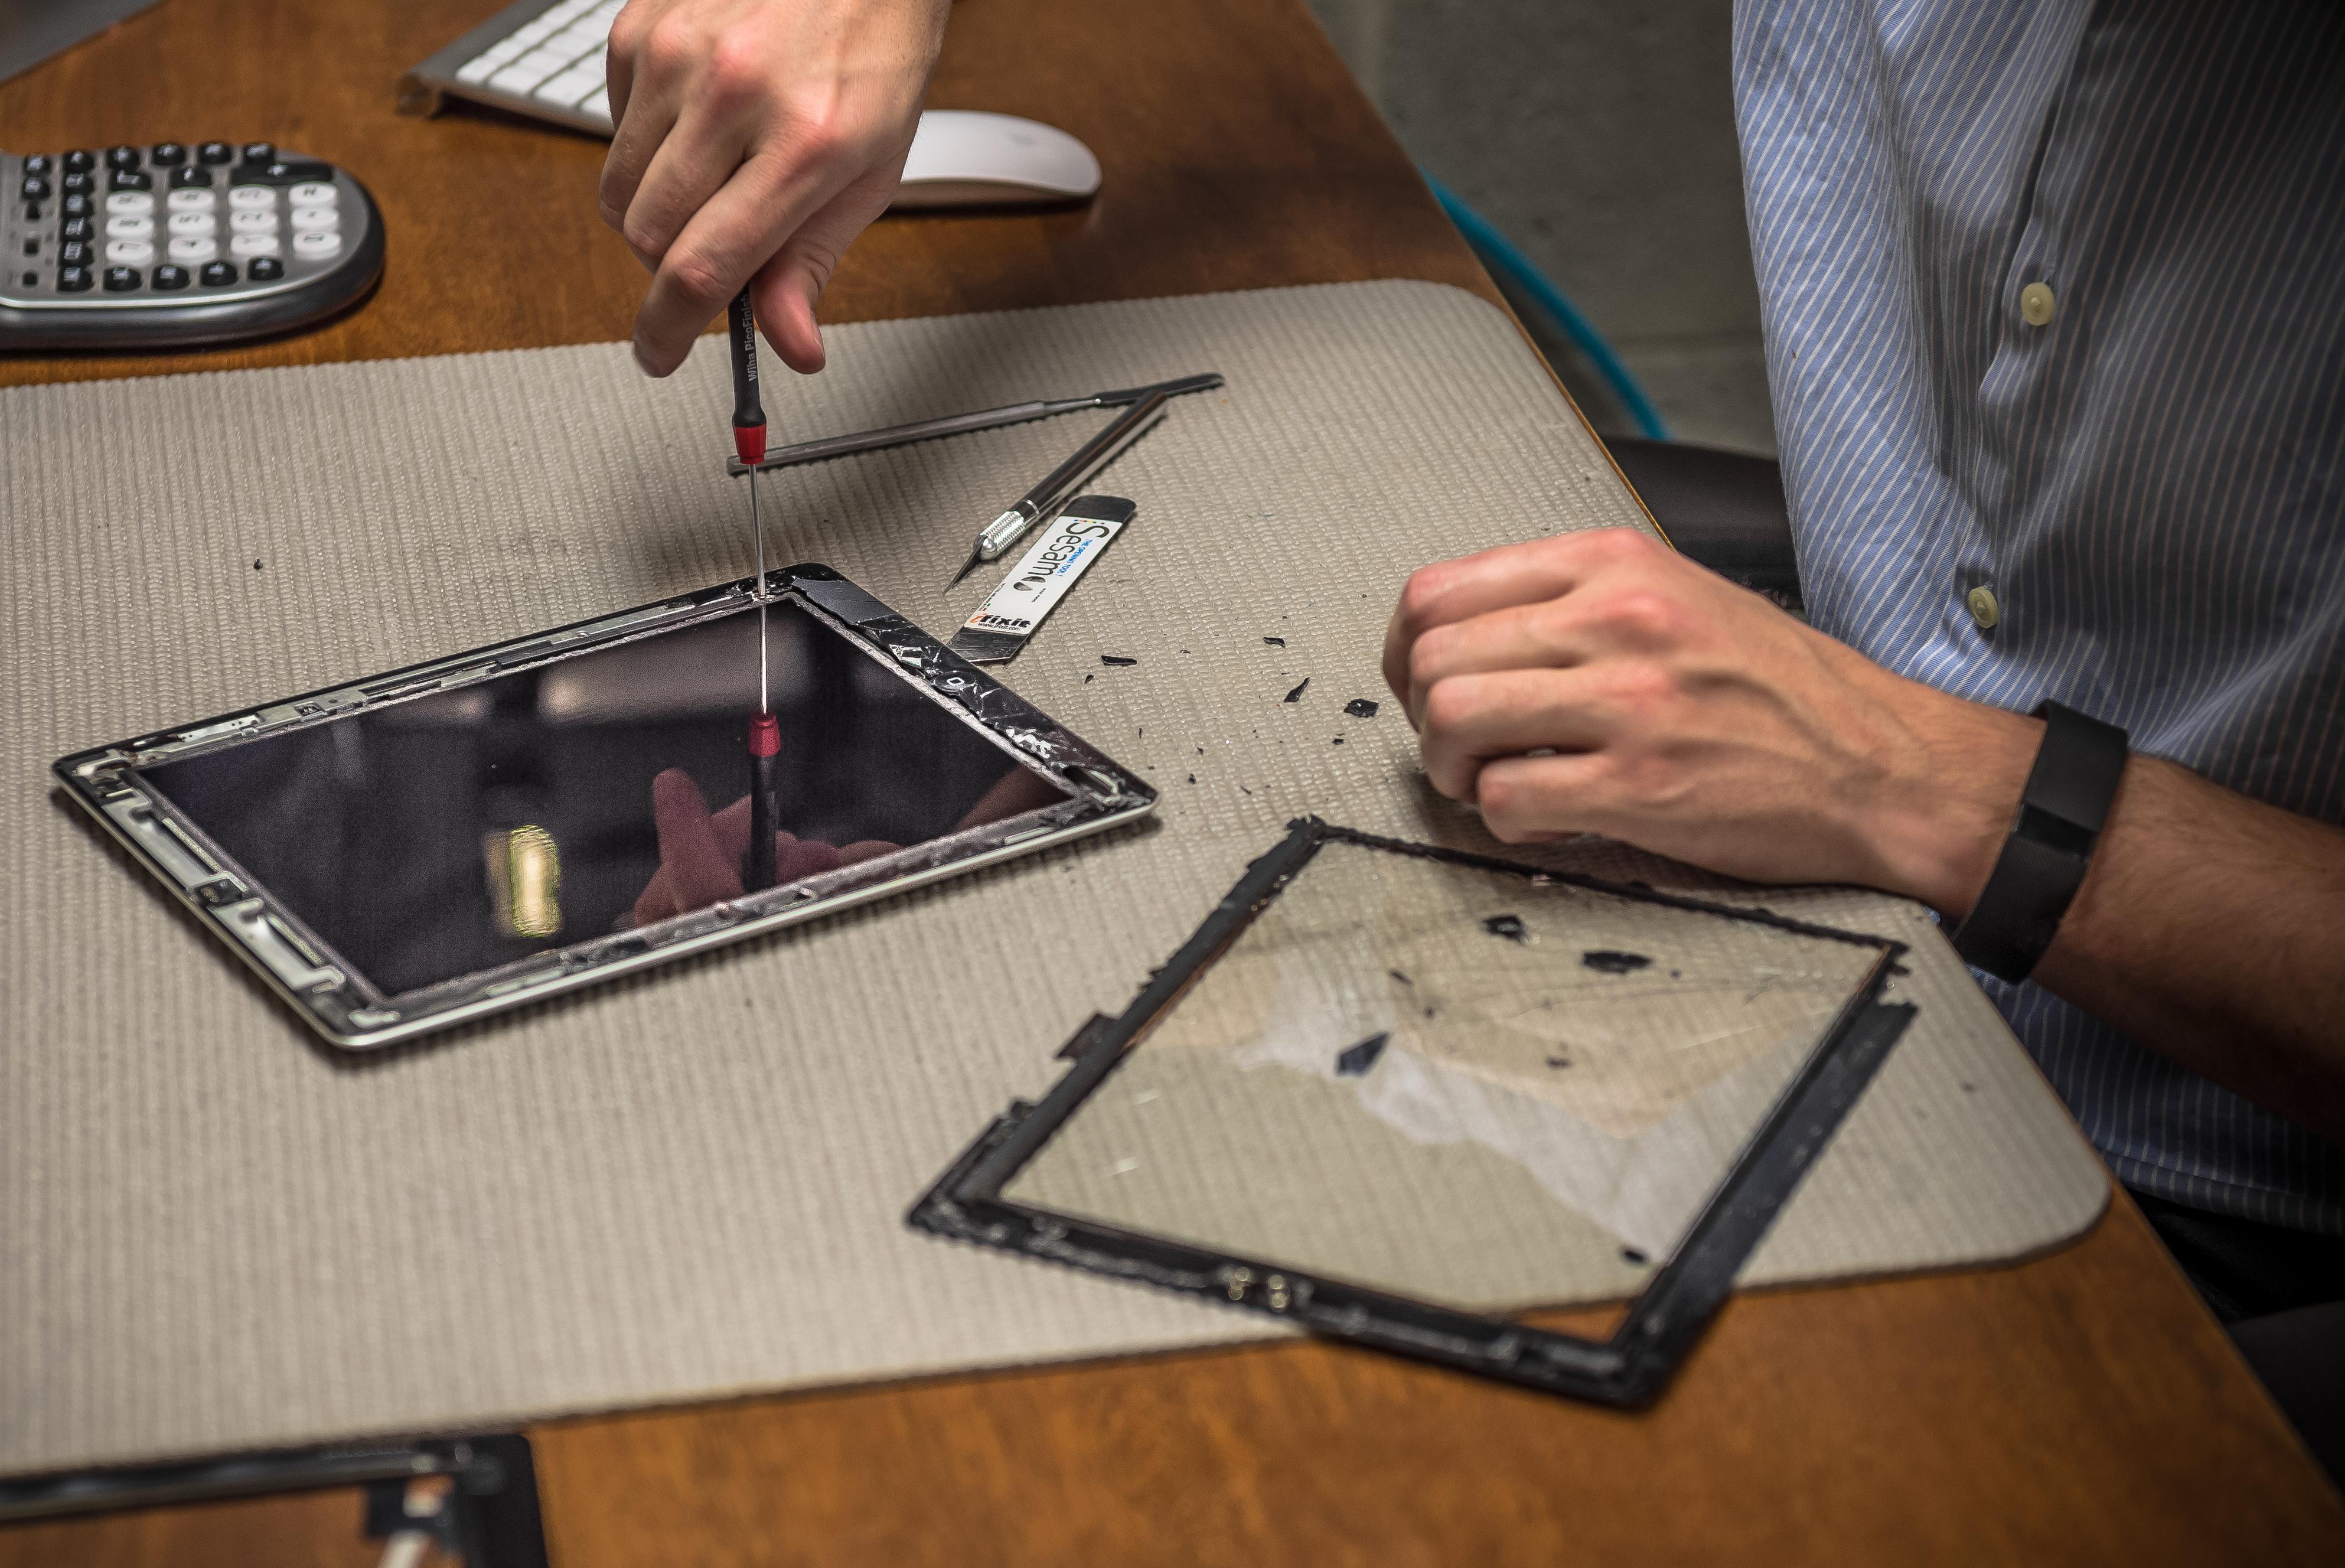 Tec-Rehab-iPad-iPhone-shatterd-glass-repair-1